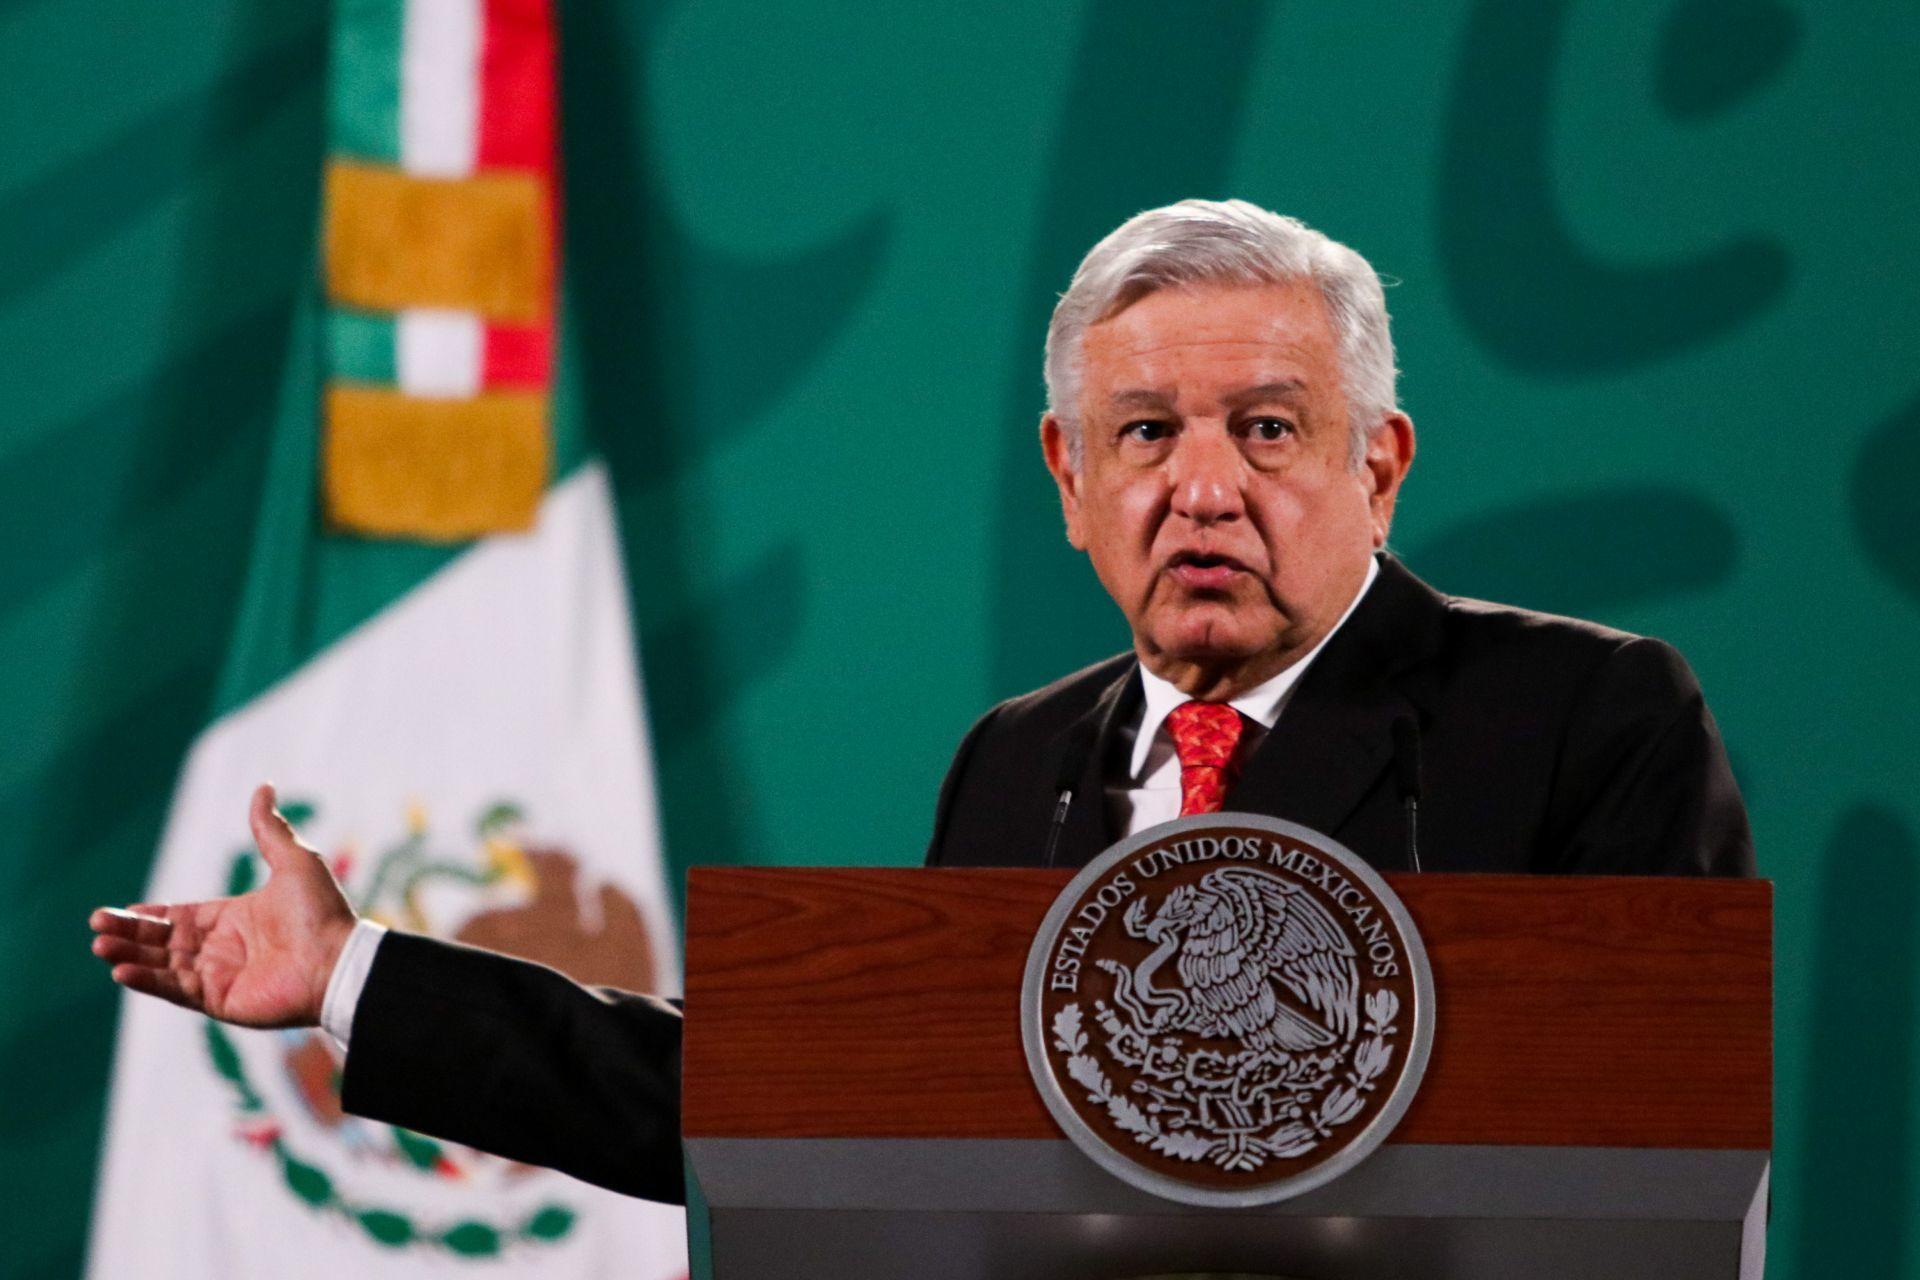 Financiamiento de EU a Mexicanos contra la Corrupción puede promover el golpismo: AMLO